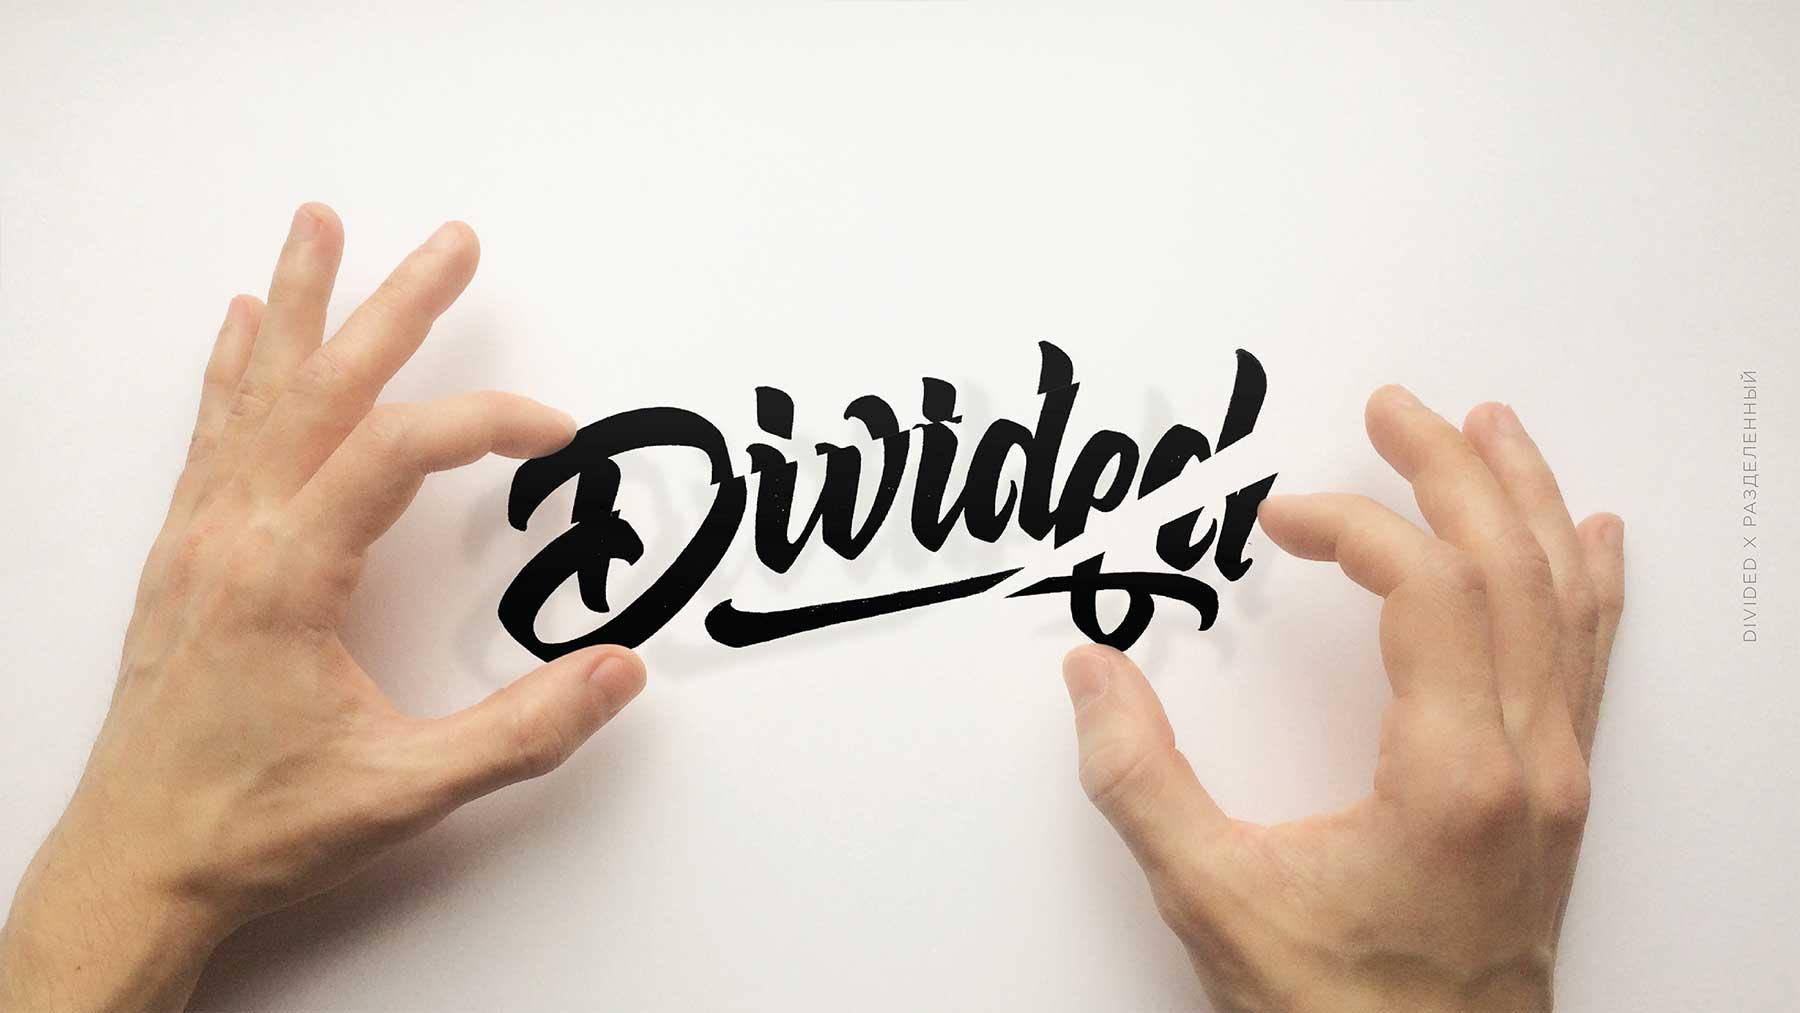 Schöngeschriebenes entsprechend der Wortbedeutung Dima-AbraKadabra-calligraphy-meaning_09